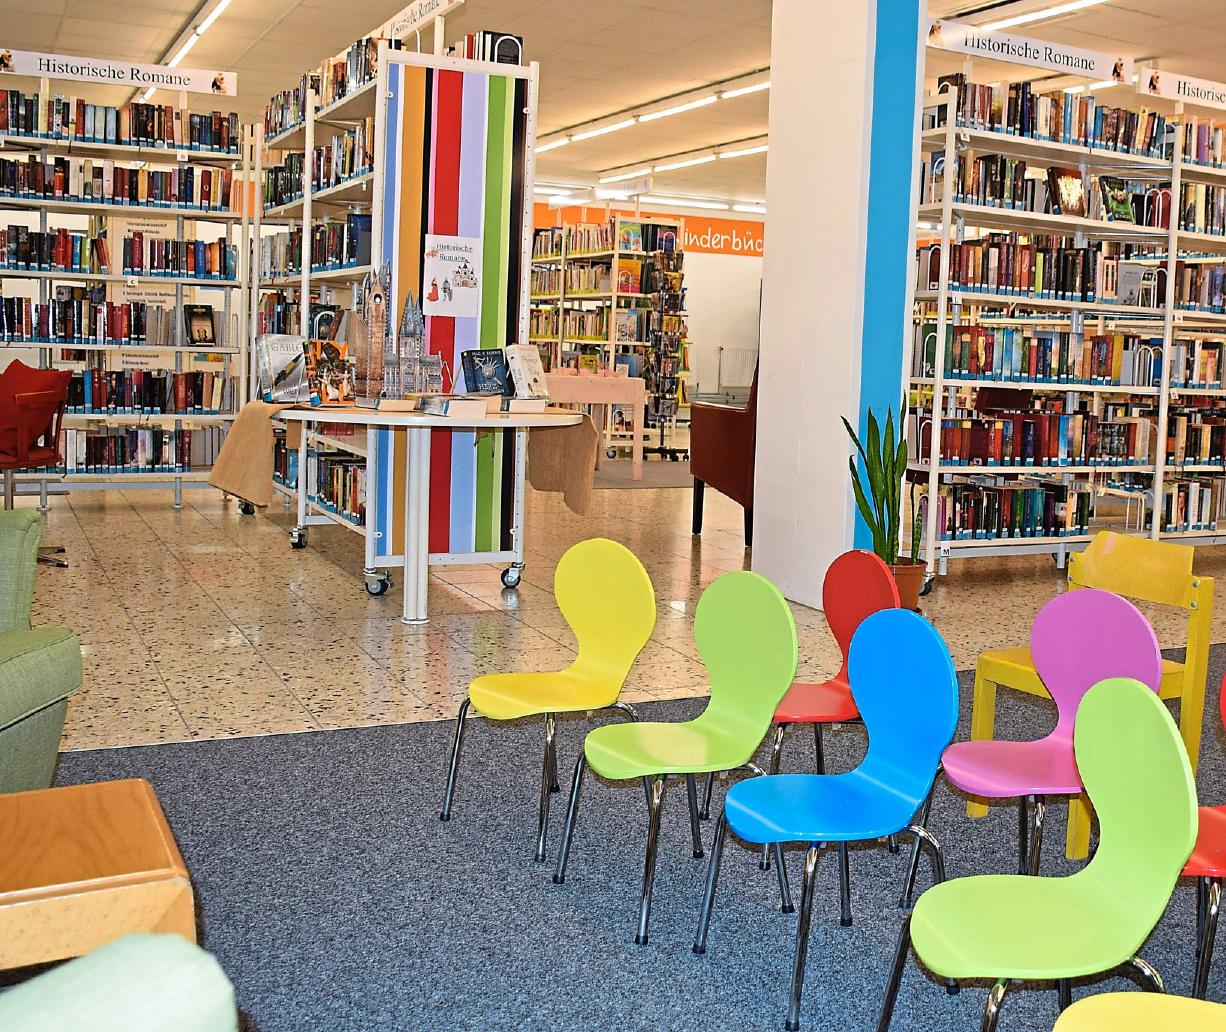 Bücher über Bücher – ehe man da einmal durch ist ... Die Stadtbücherei heute. Foto: SZ